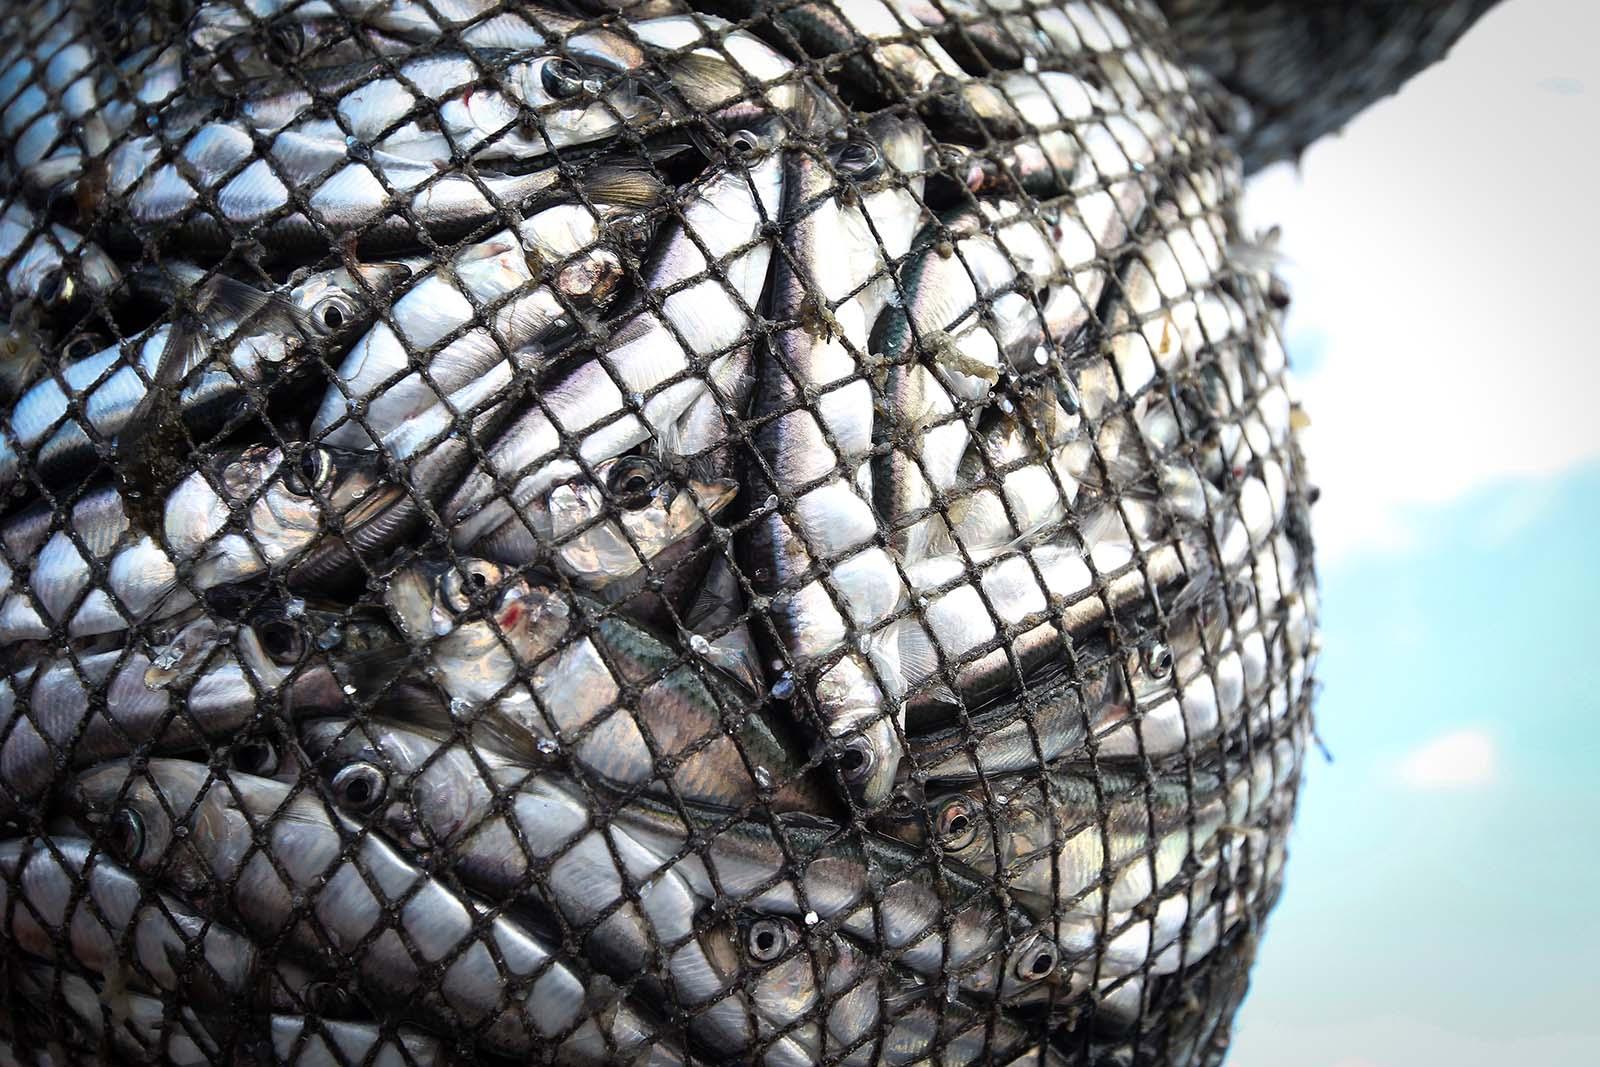 Fischkonsum: Aquakultur und Fischfang fordern Milliarden Opfer